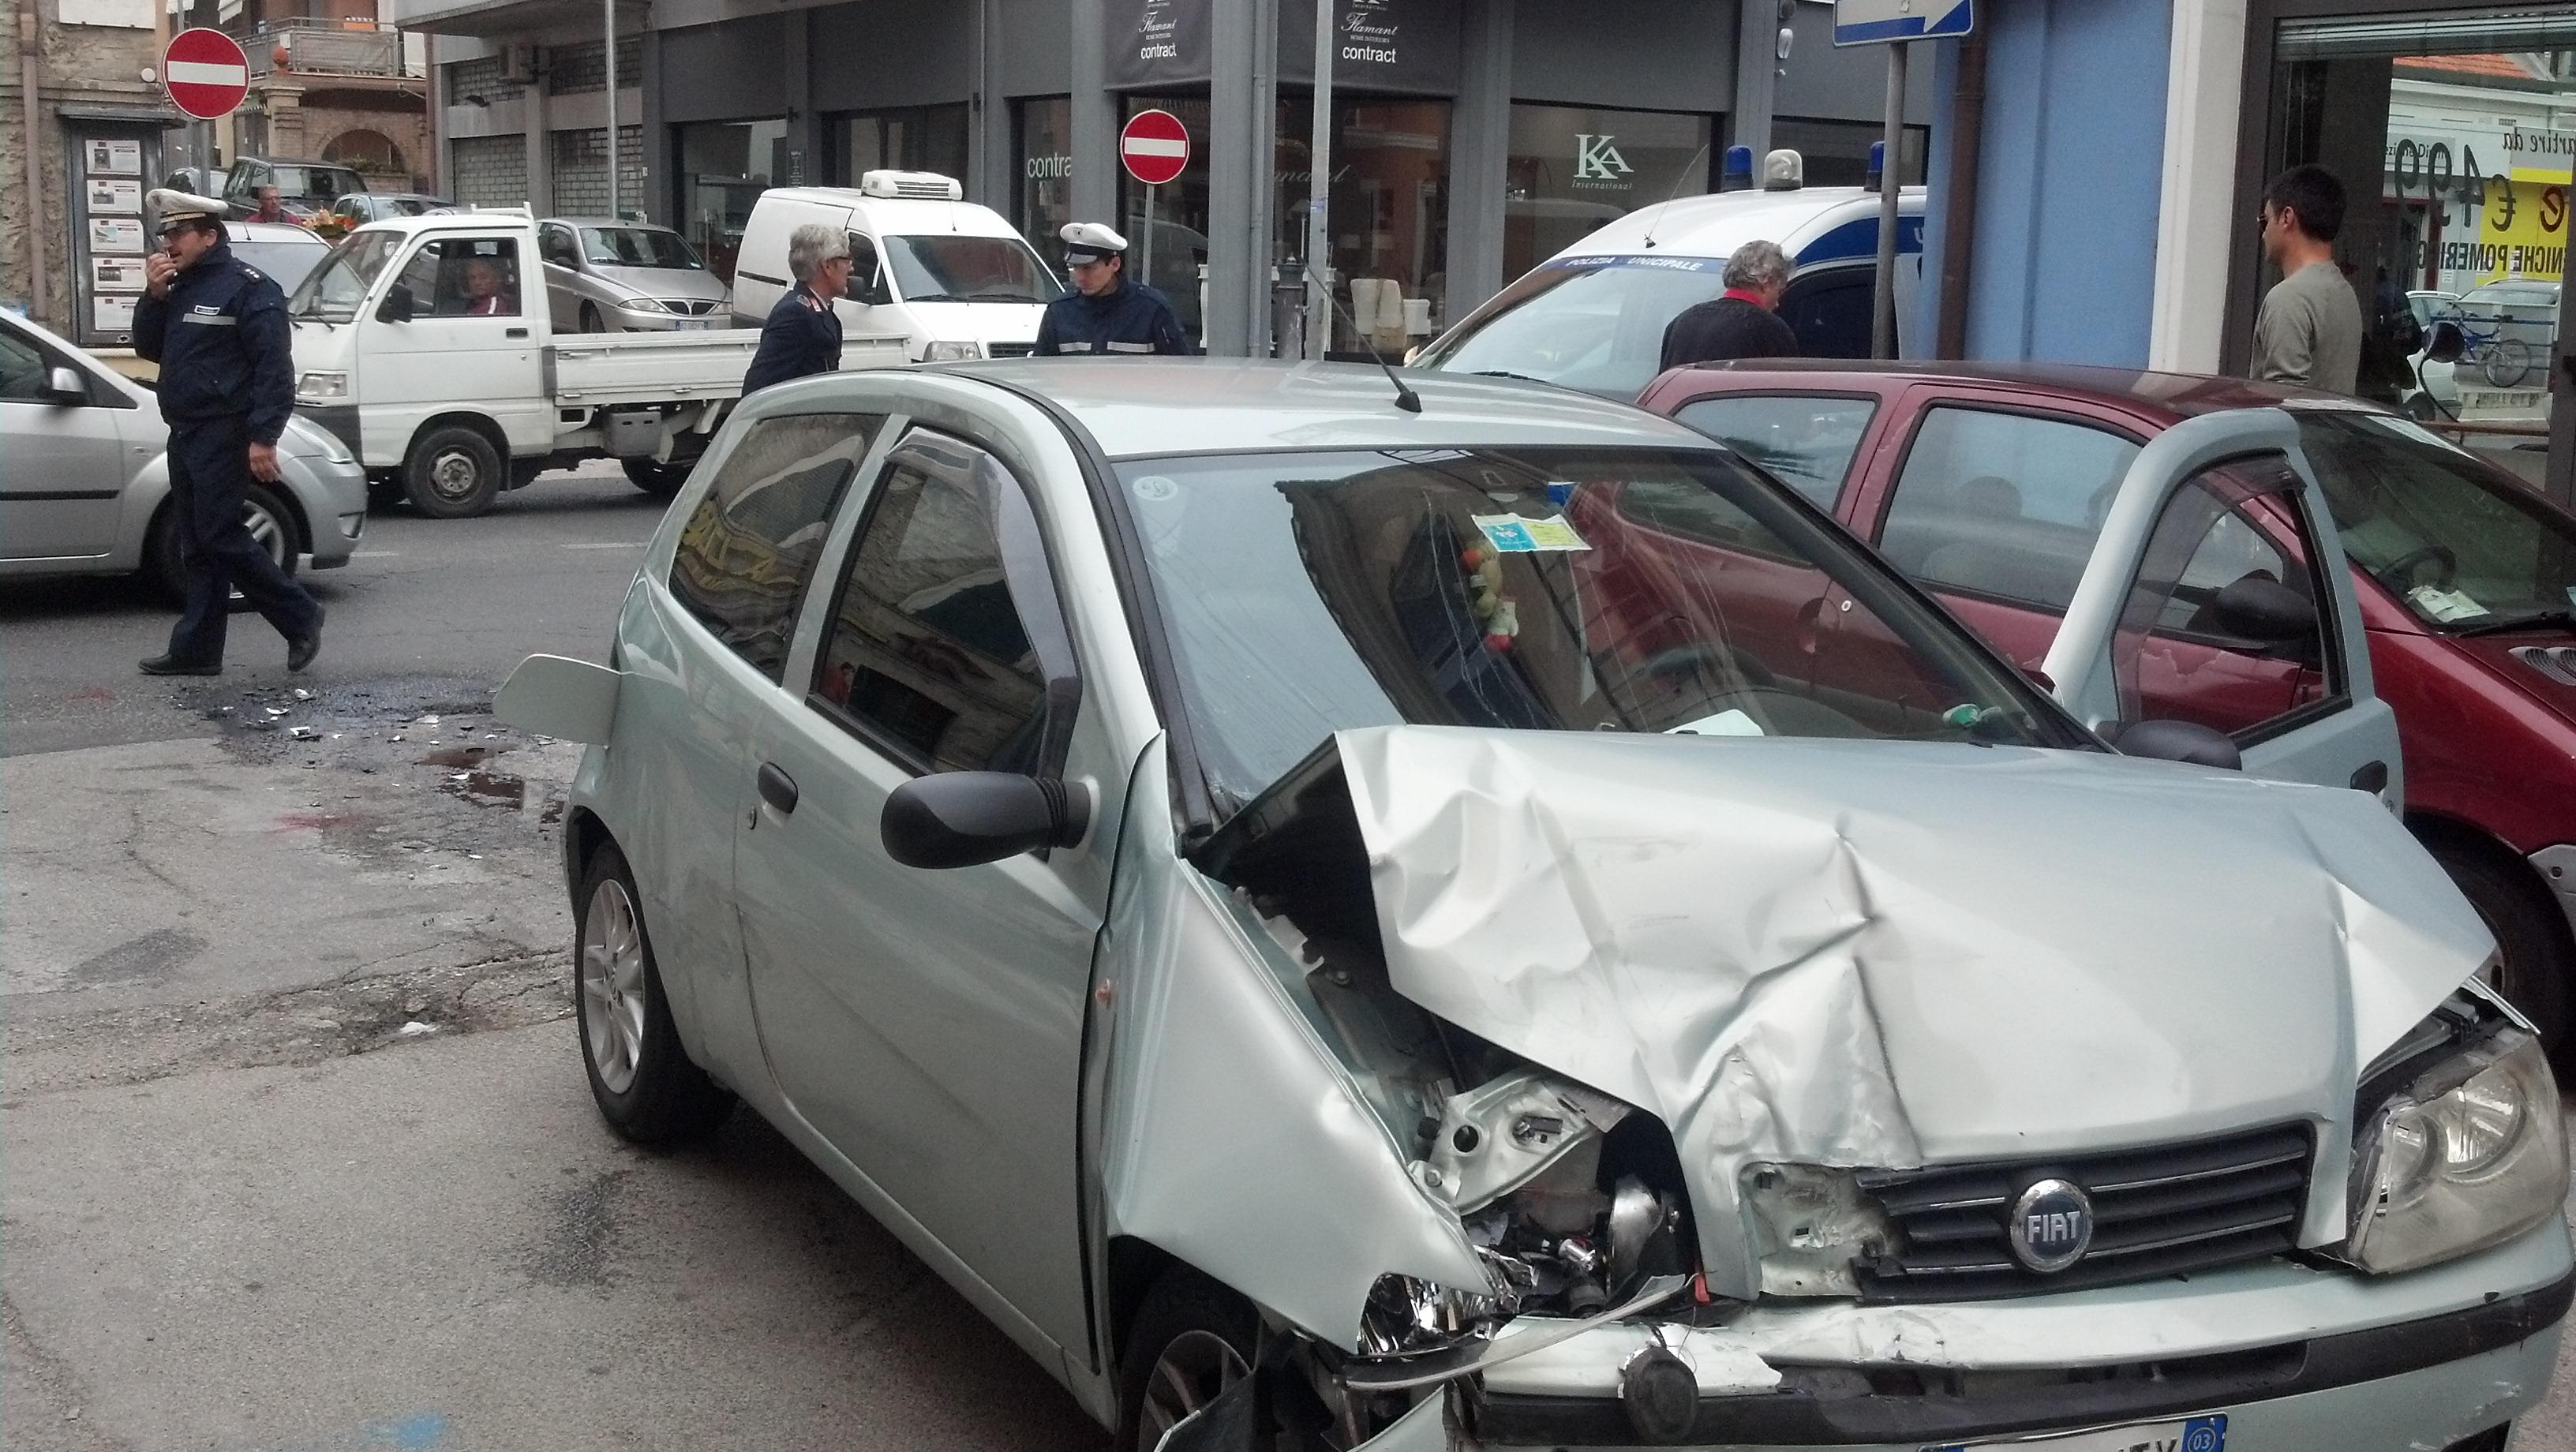 La Punto coinvolta nell'incidente tra la Statale 16 e via Carducci